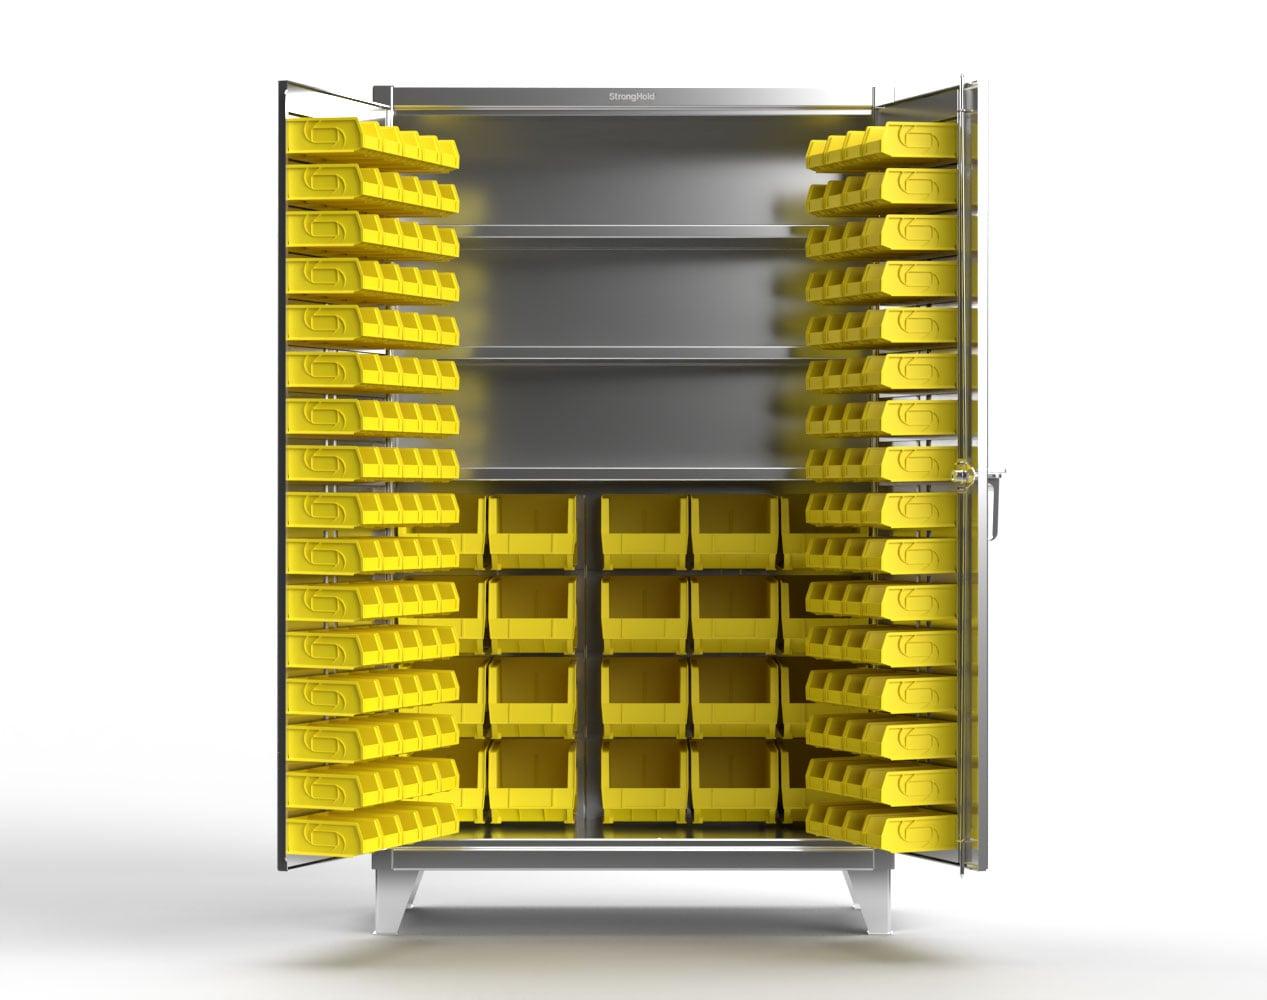 Extra Heavy Duty 12 GA Stainless Steel Bin Cabinet with Multiple Bin Sizes, 3 Shelves – 48 In. W x 24 In. D x 78 In. H